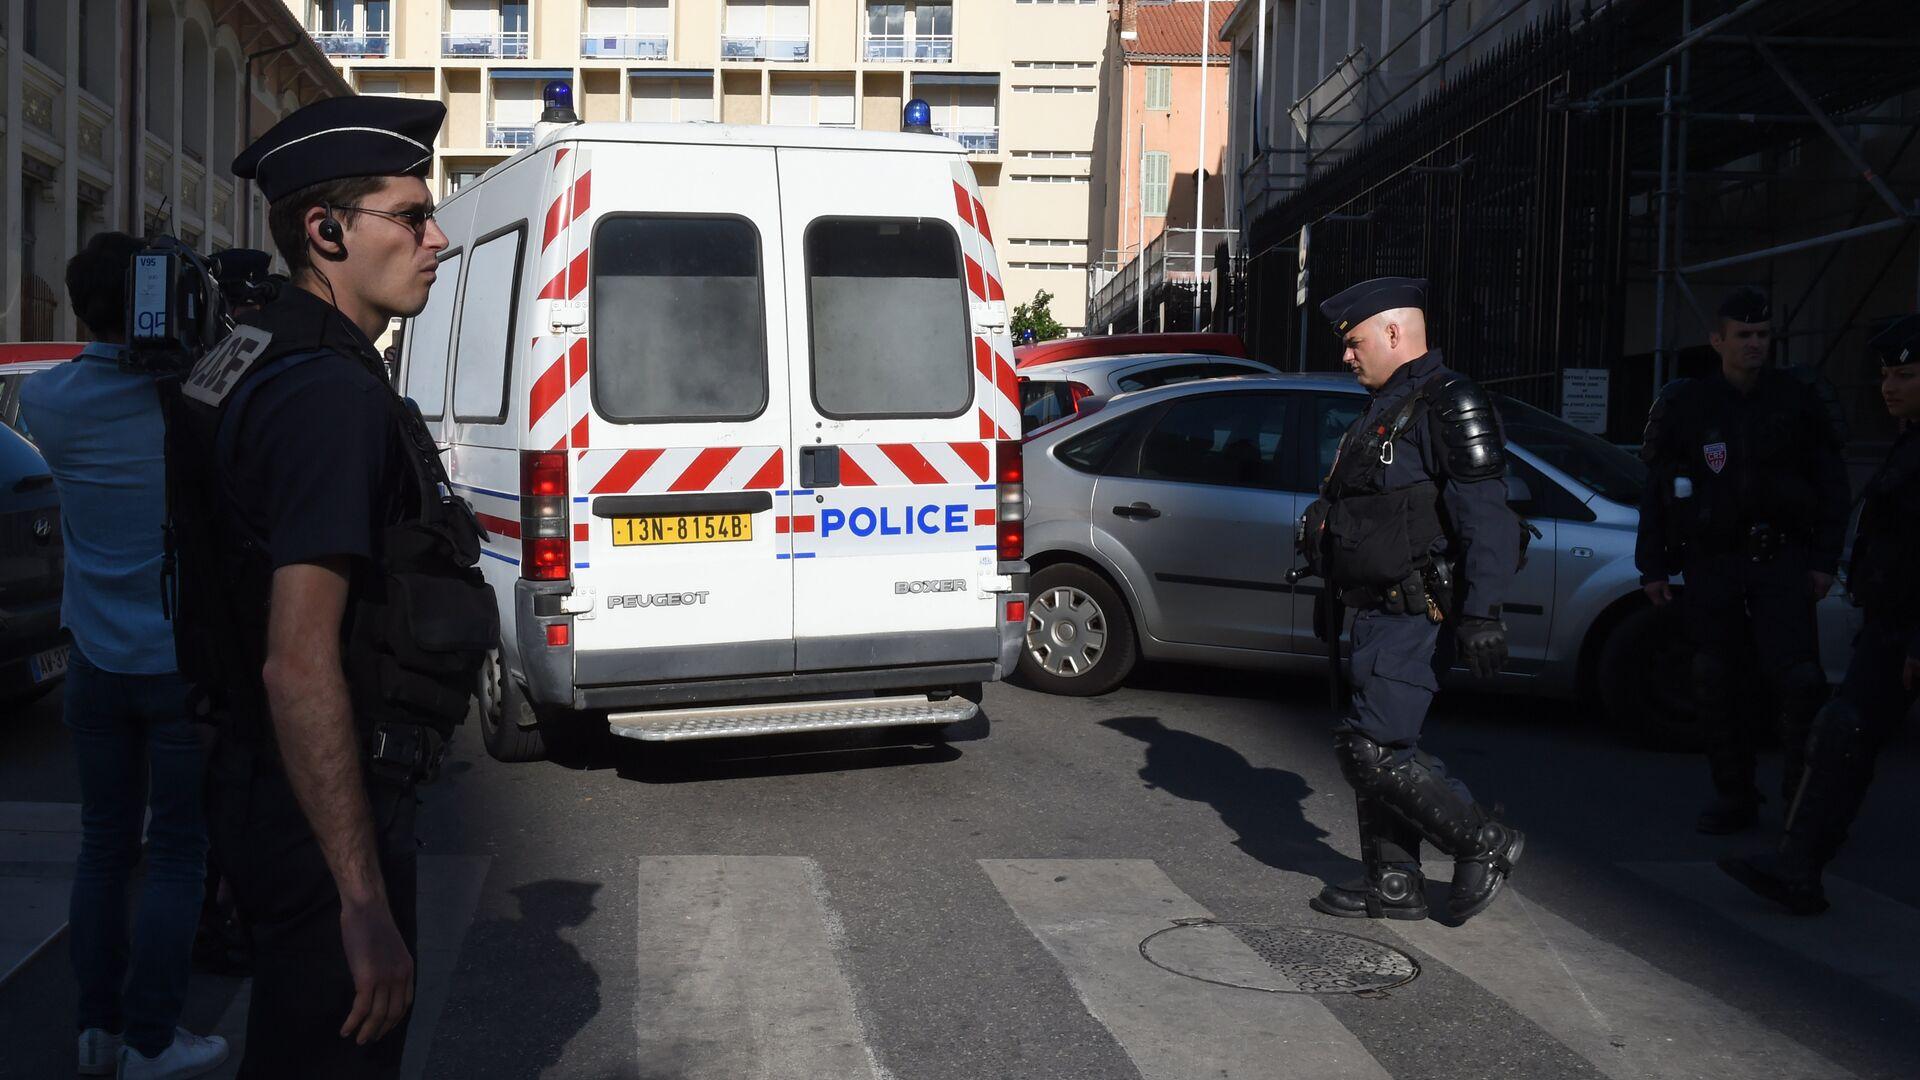 Policie v Marseille během Euro 2016 - Sputnik Česká republika, 1920, 09.07.2021